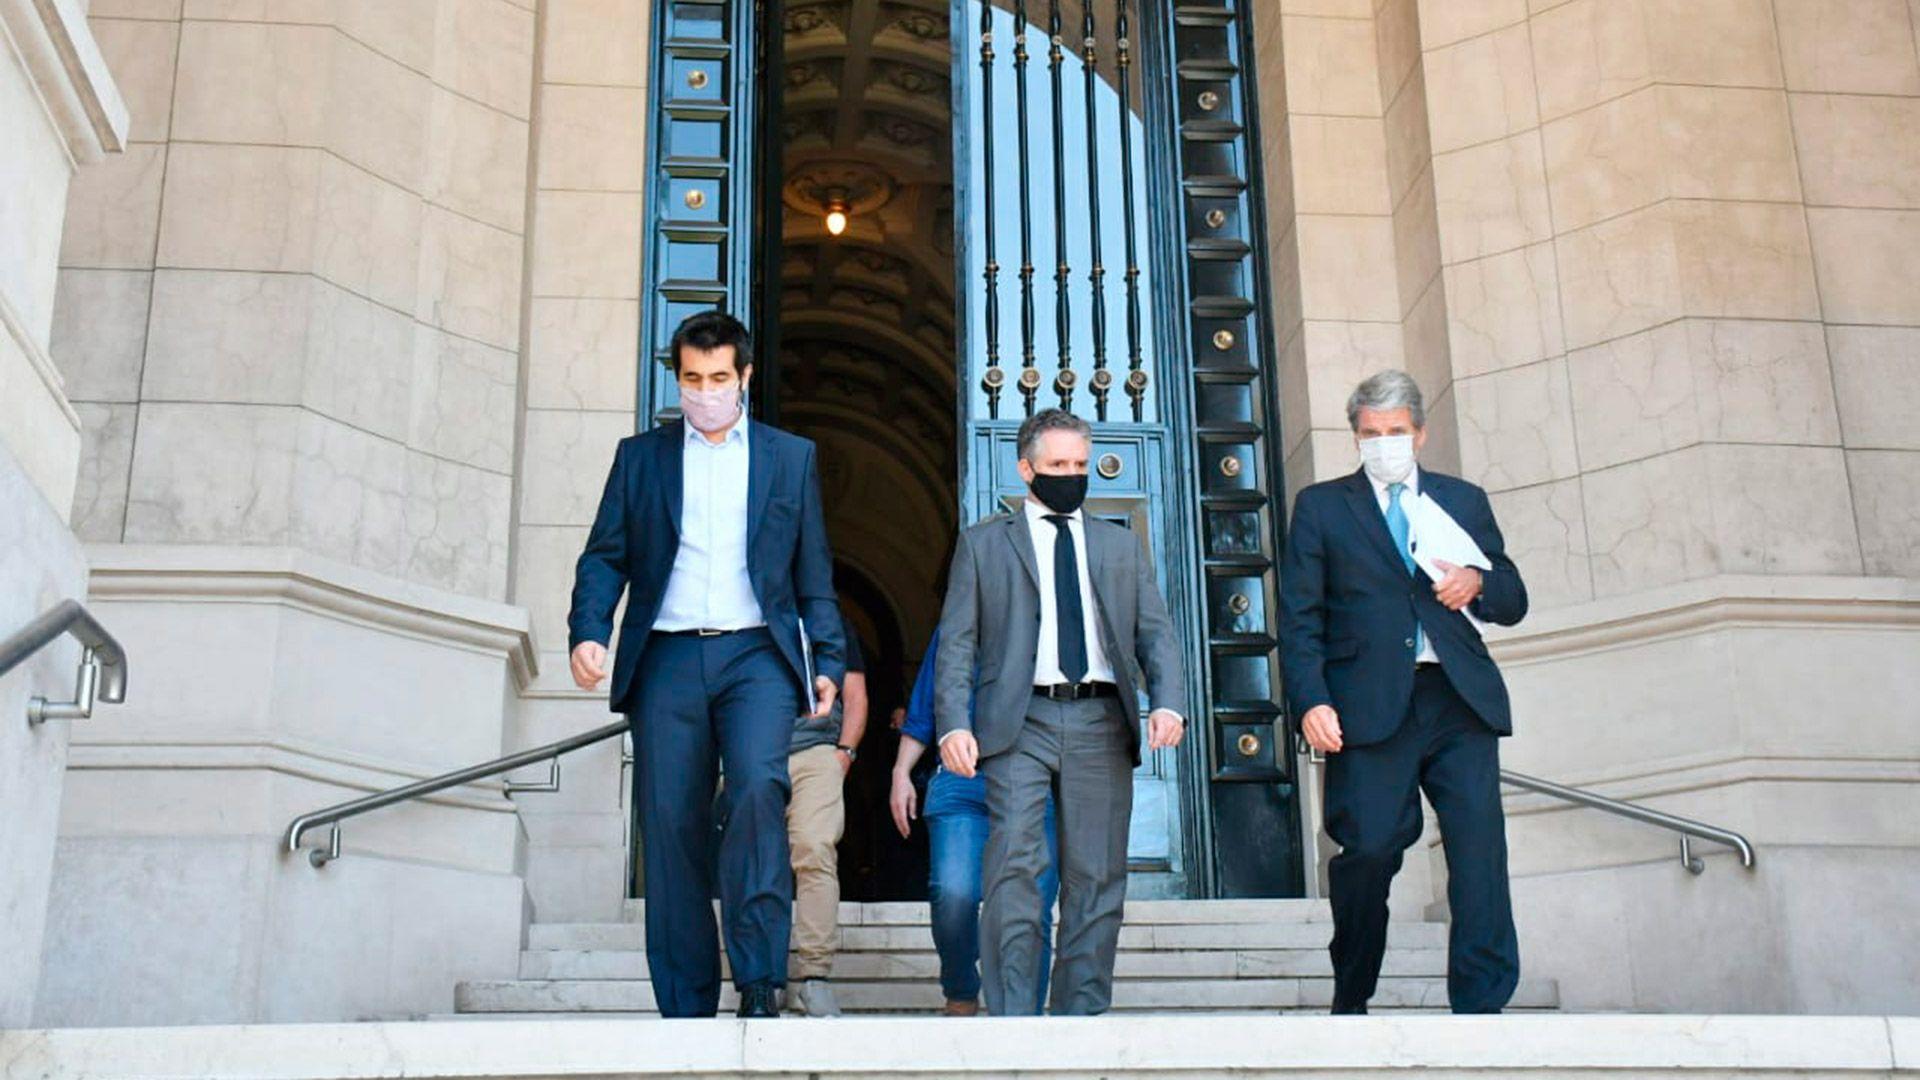 abogados ciudad de buenos aires reunion CABA gobierno coparticipacion corte suprema